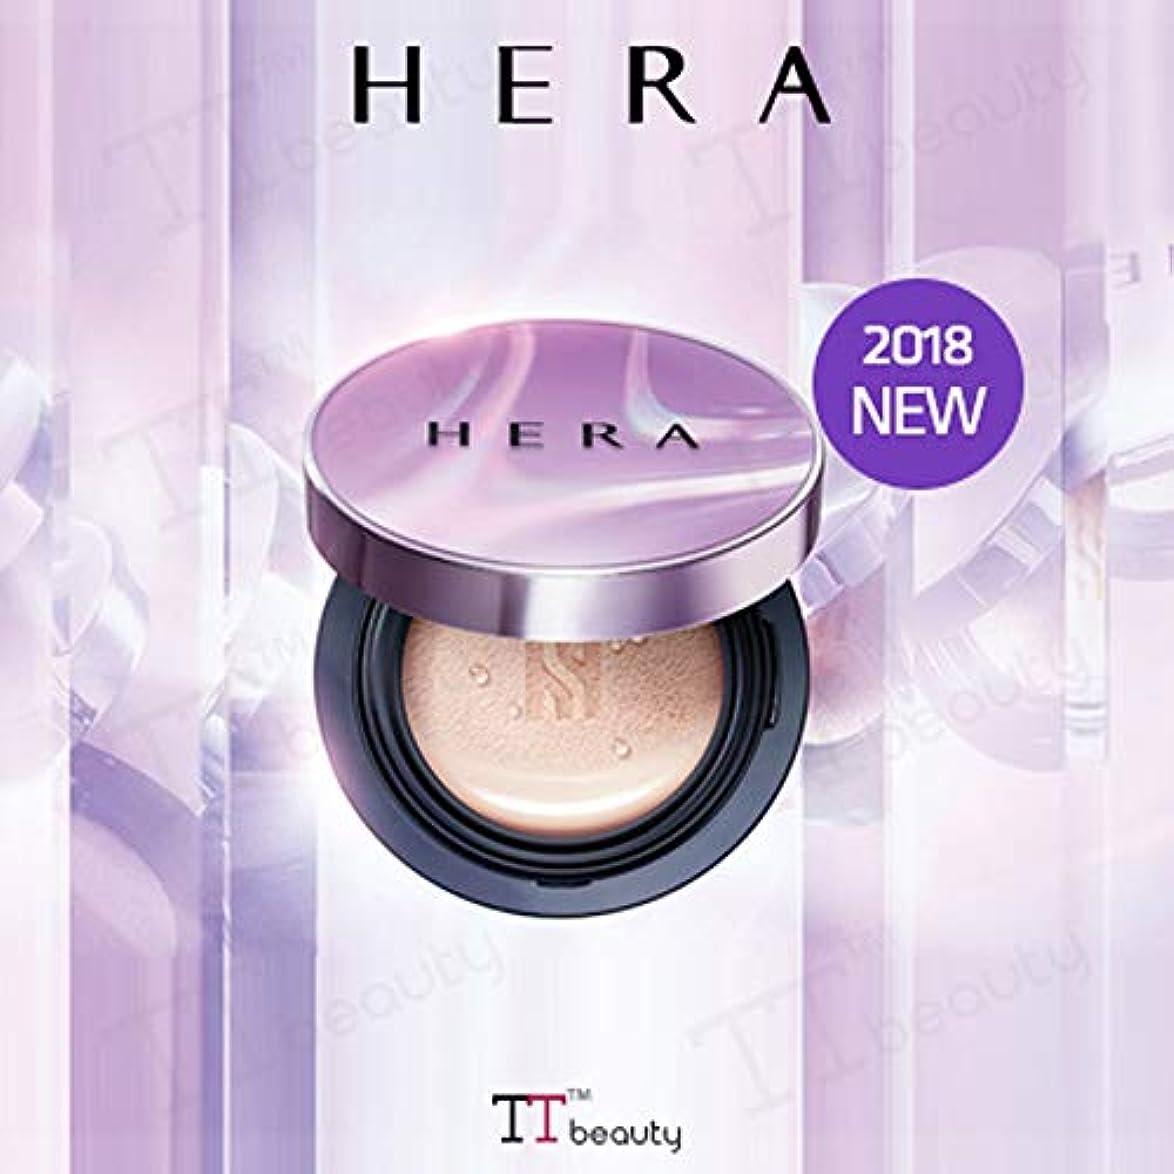 モナリザシリングフェローシップ[HERA/ヘラ]UVミストクッションカバー(15gx2)/UV MIST CUSHION COVER SPF50+/PA+++[2018新発売][TTBEAUTY][韓国コスメ] (No.C15-Rose Ivory...